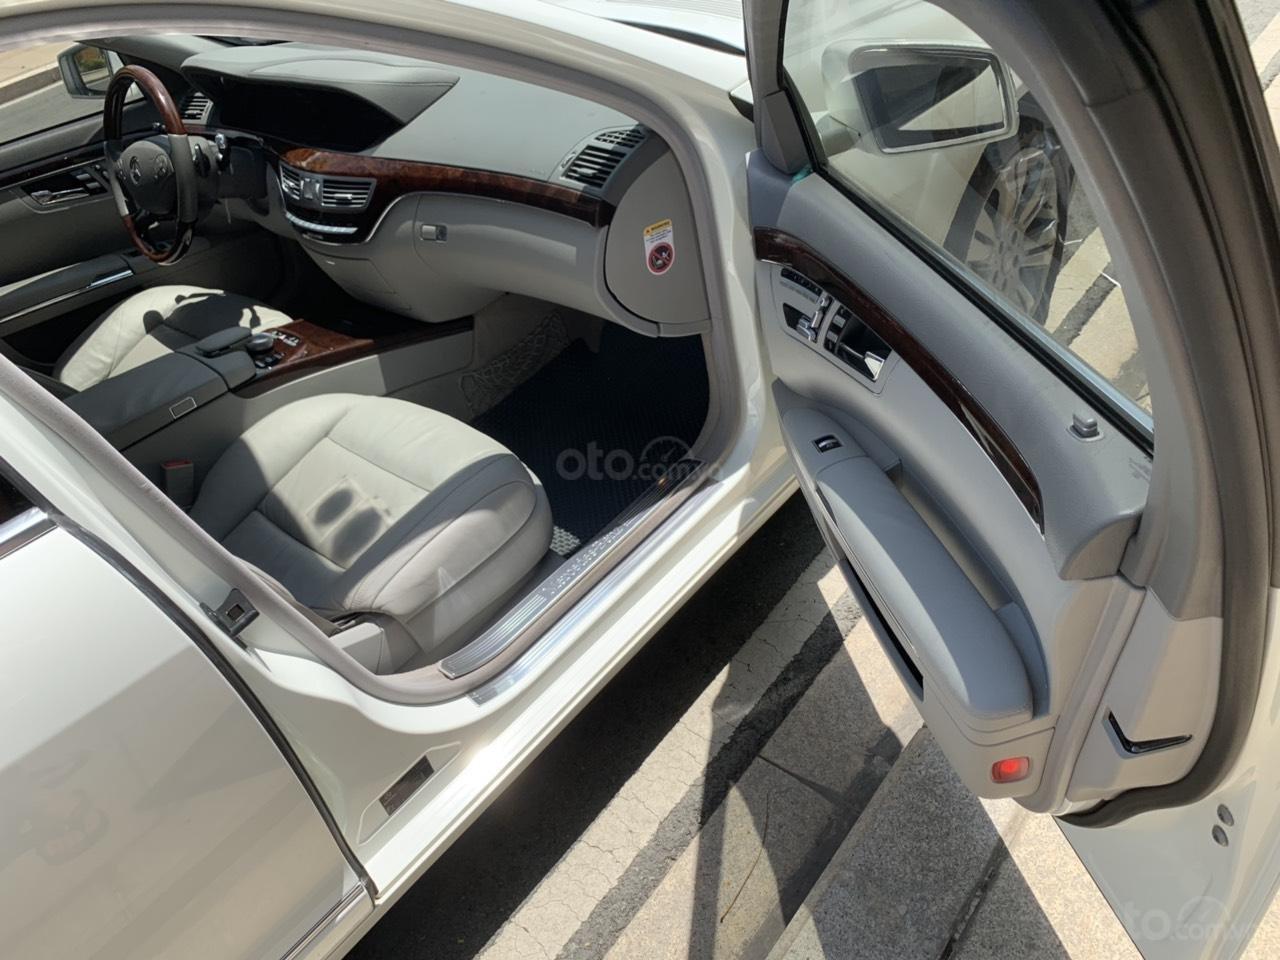 Mercedes S400 Hybrid 2012 nhập khẩu màu trắng, nội thất kem-10